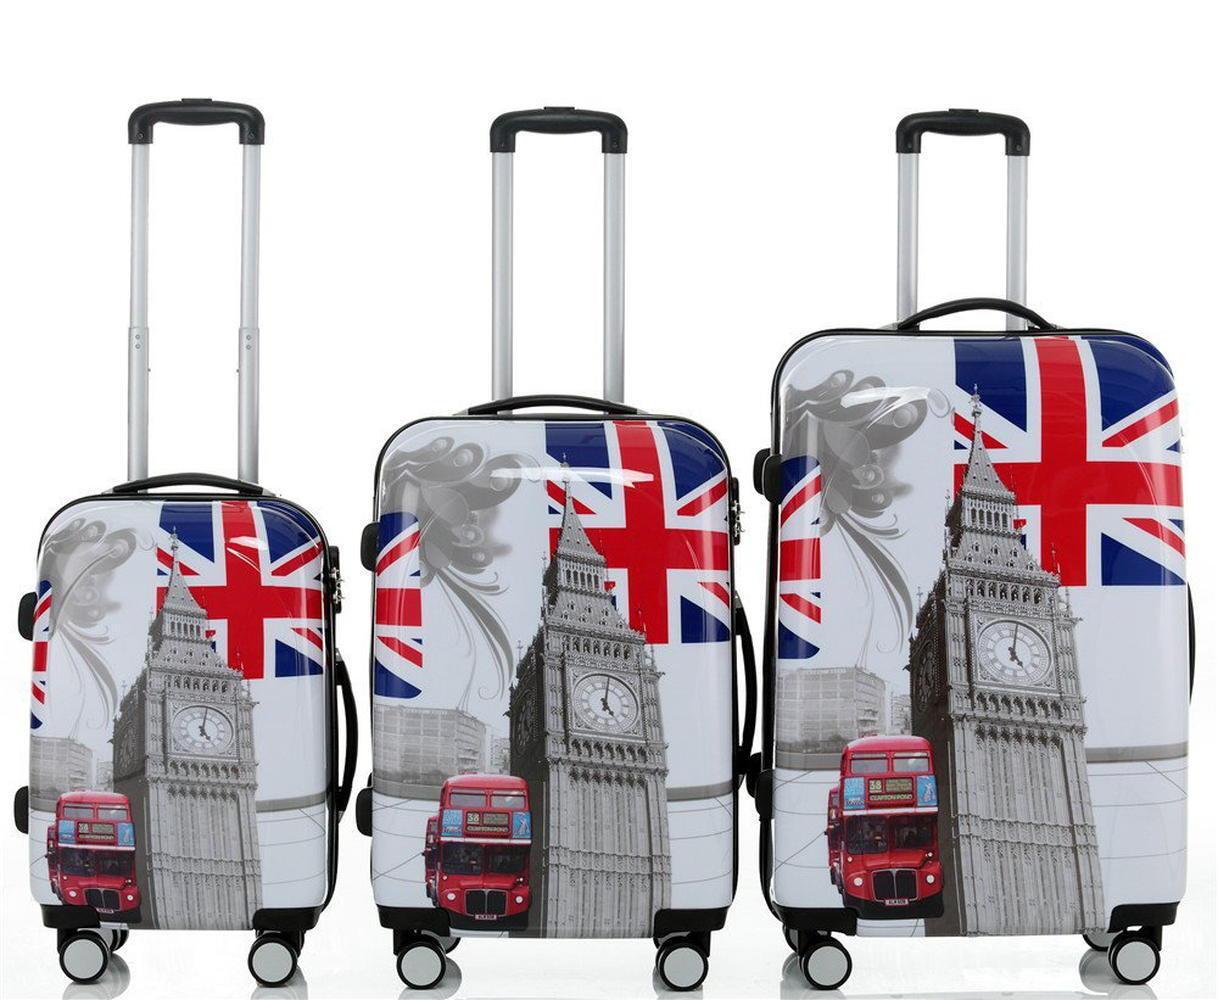 Valises trolleys à 4 roues 360° coque dure ABS polyautobonate  BB autobus de Londres